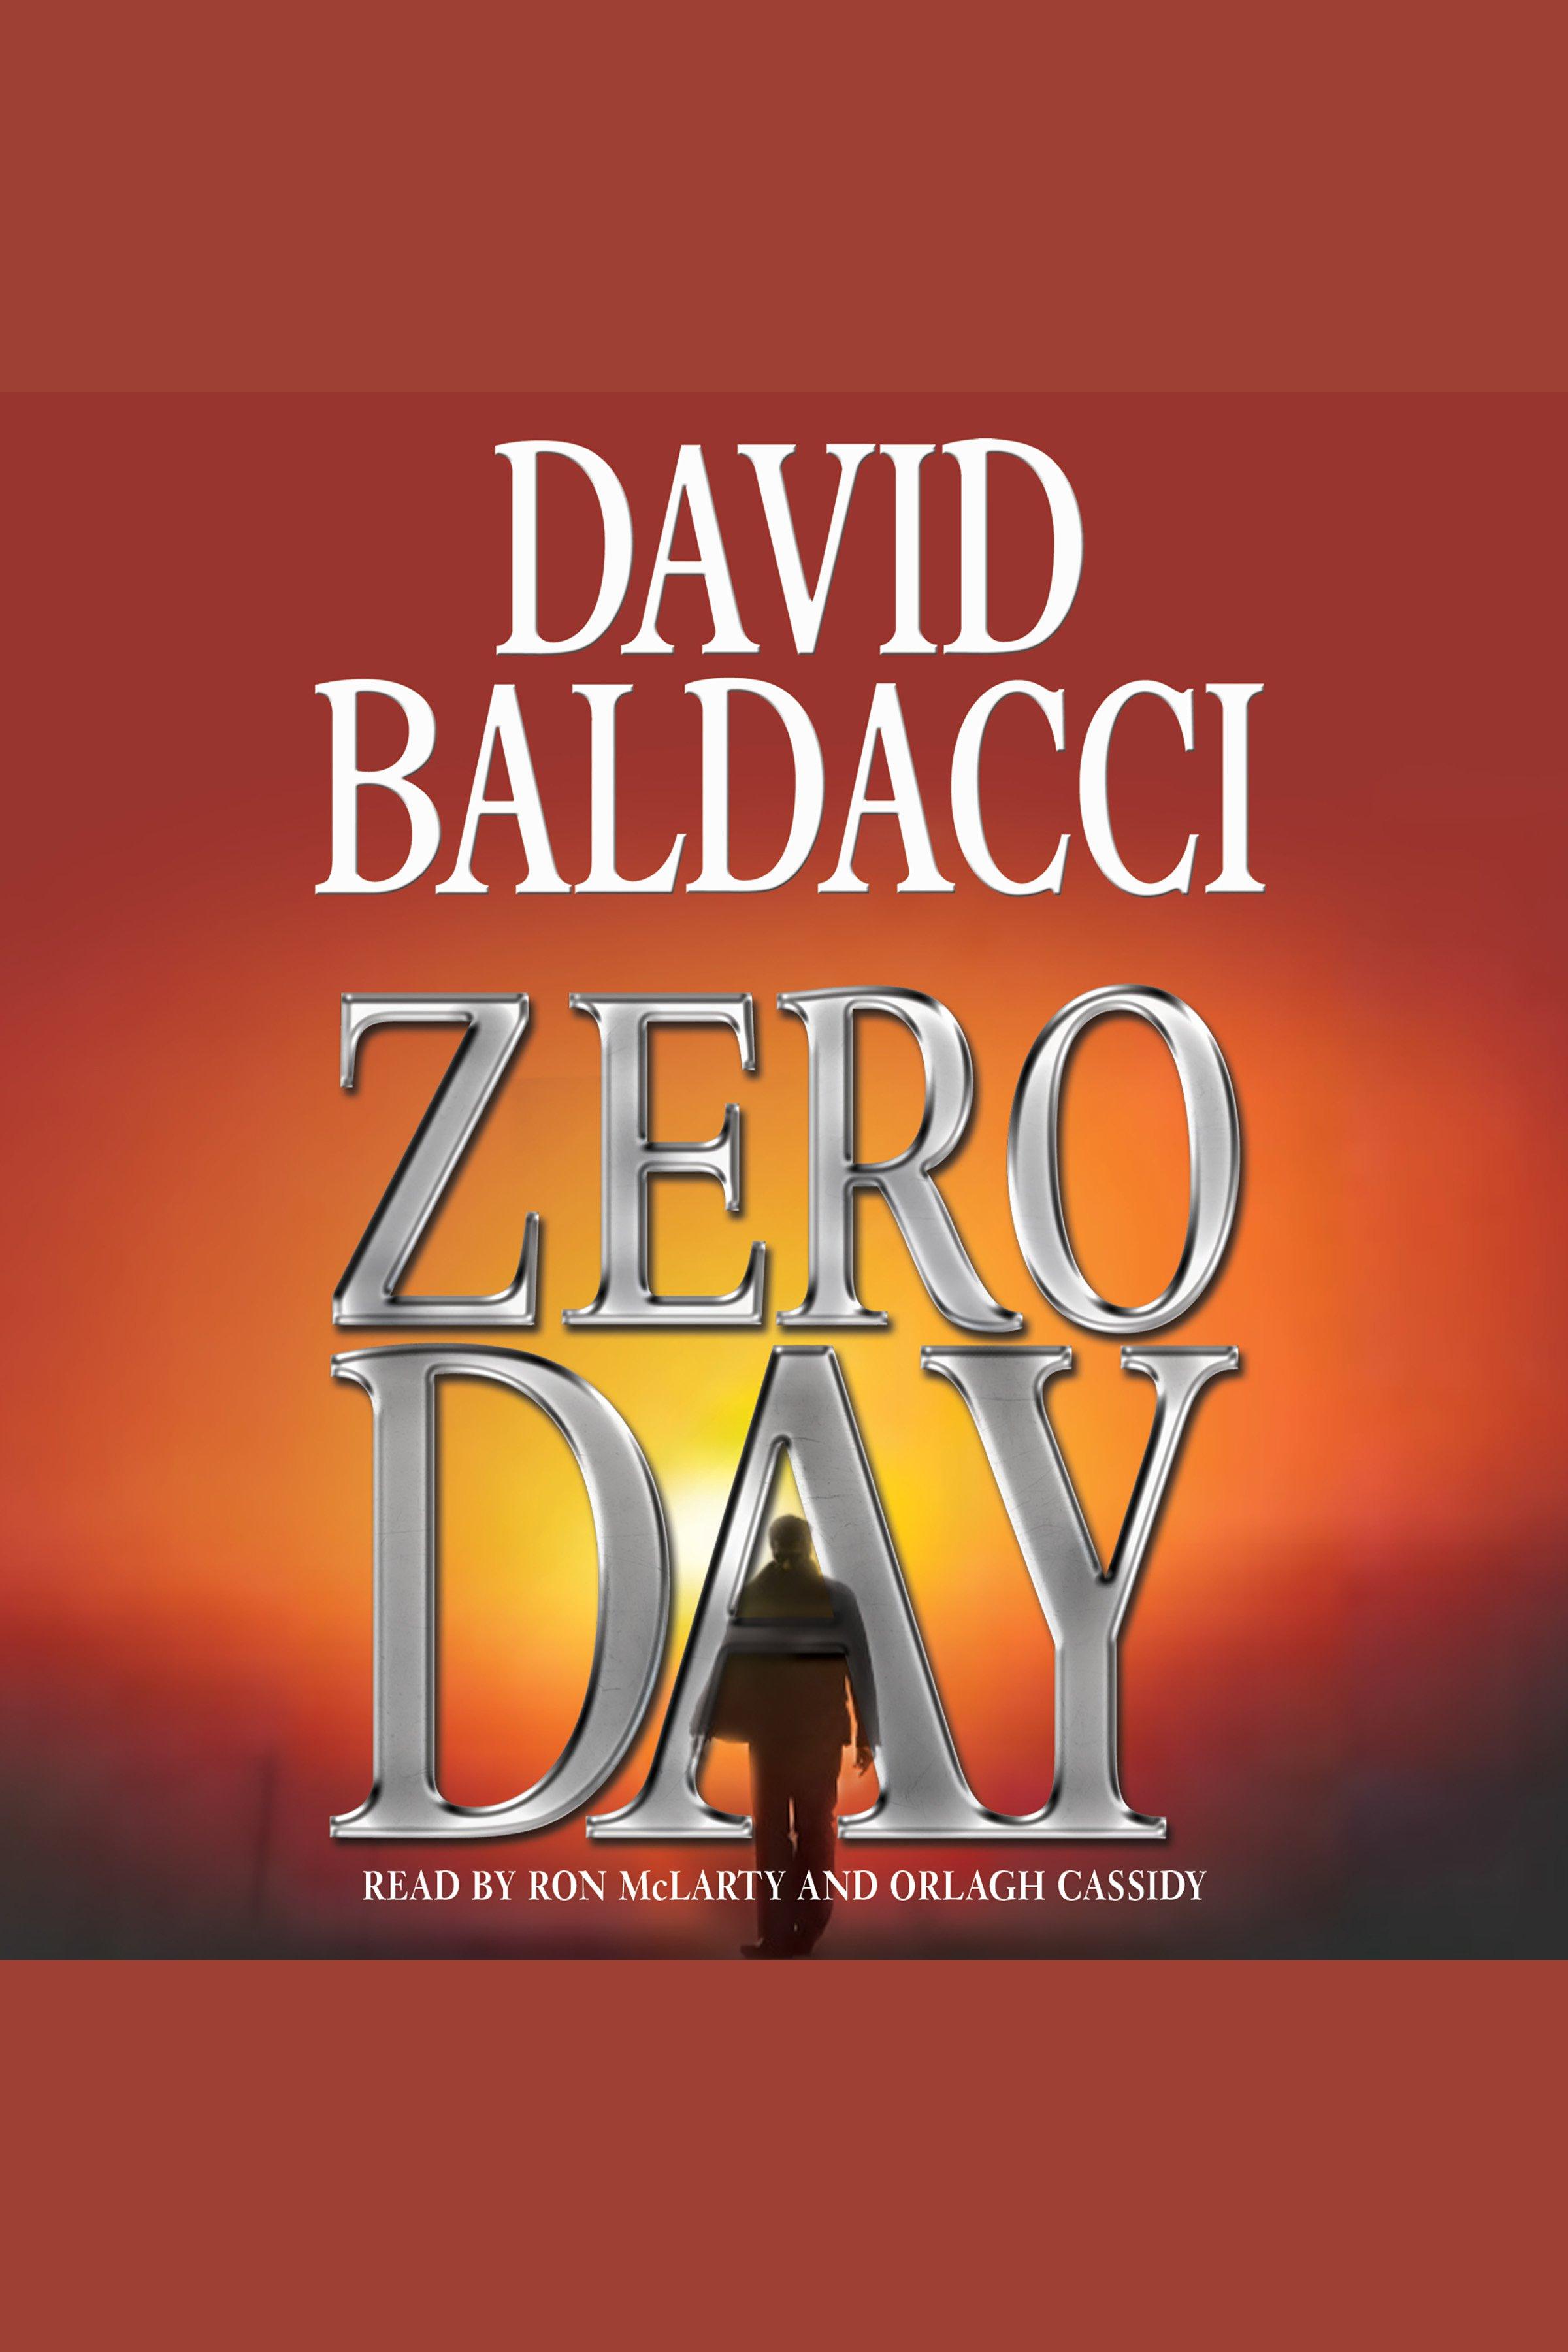 Esta es la portada del audiolibro Zero Day